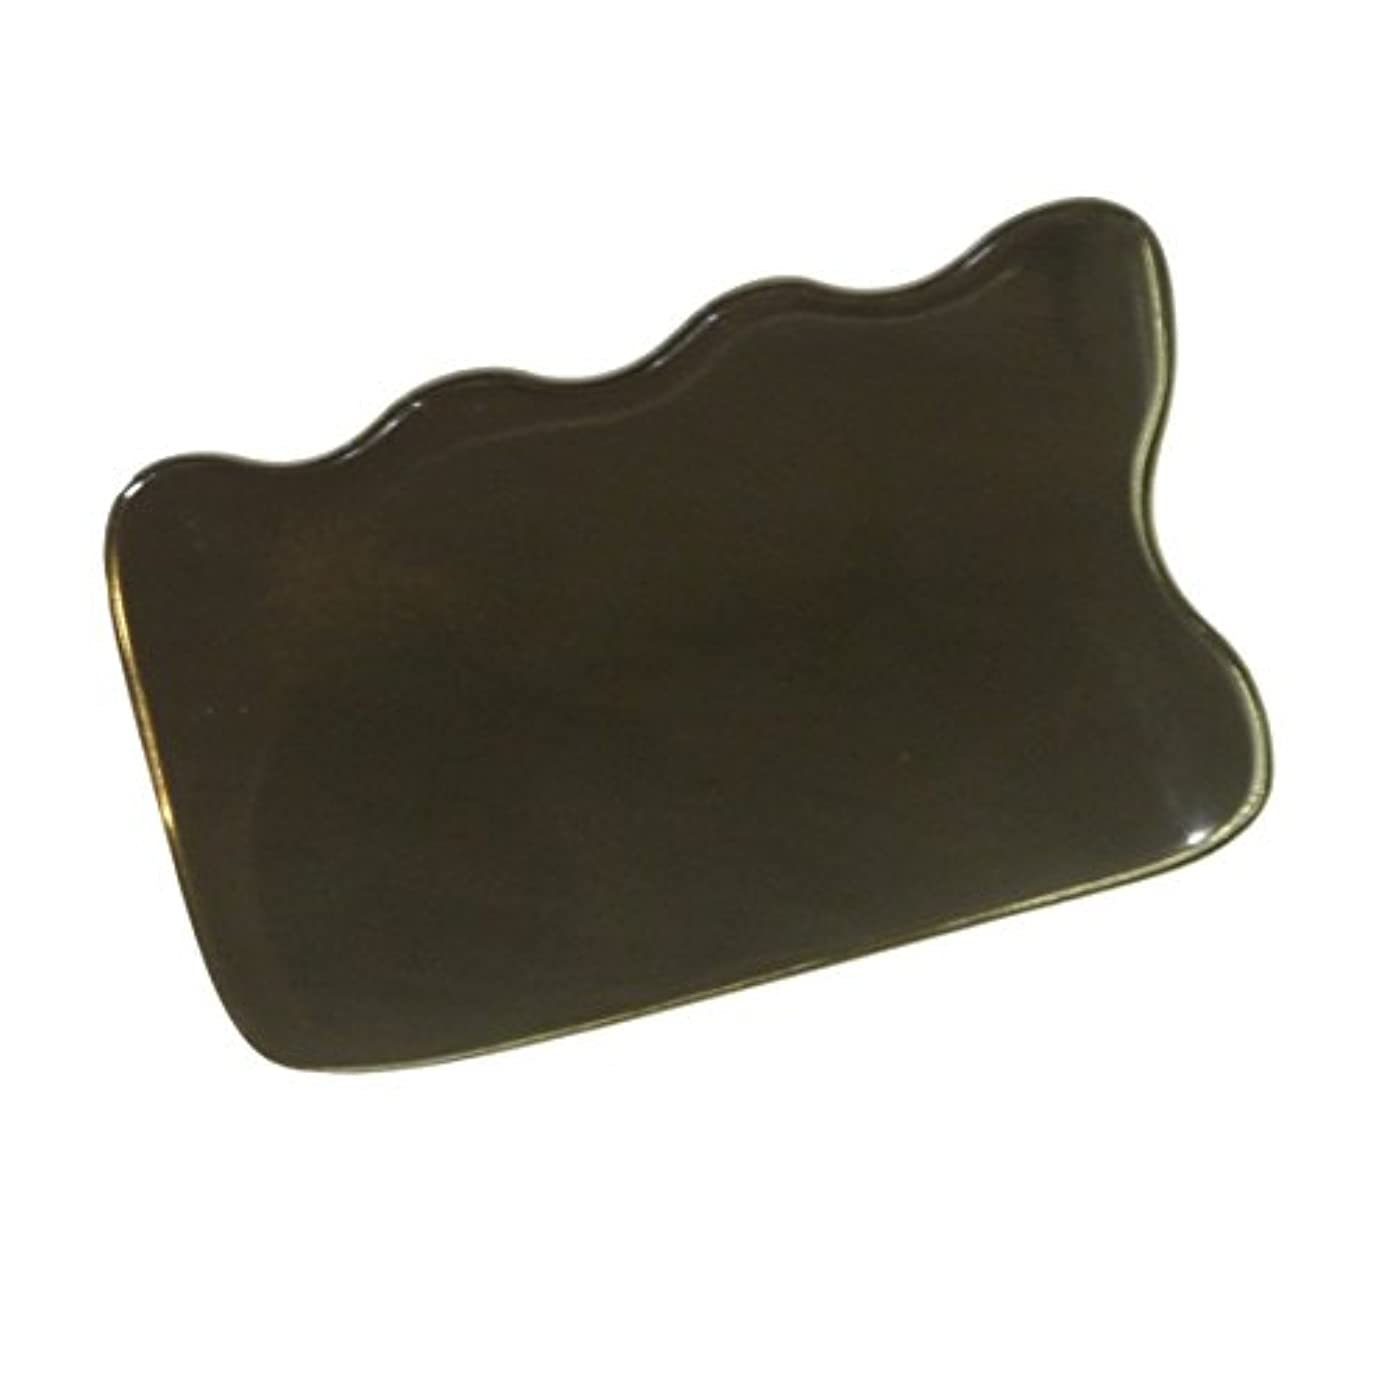 成人期意識的申し立てかっさ プレート 厚さが選べる 水牛の角(黒水牛角) EHE220 四角波 一般品 厚め(7ミリ程度)